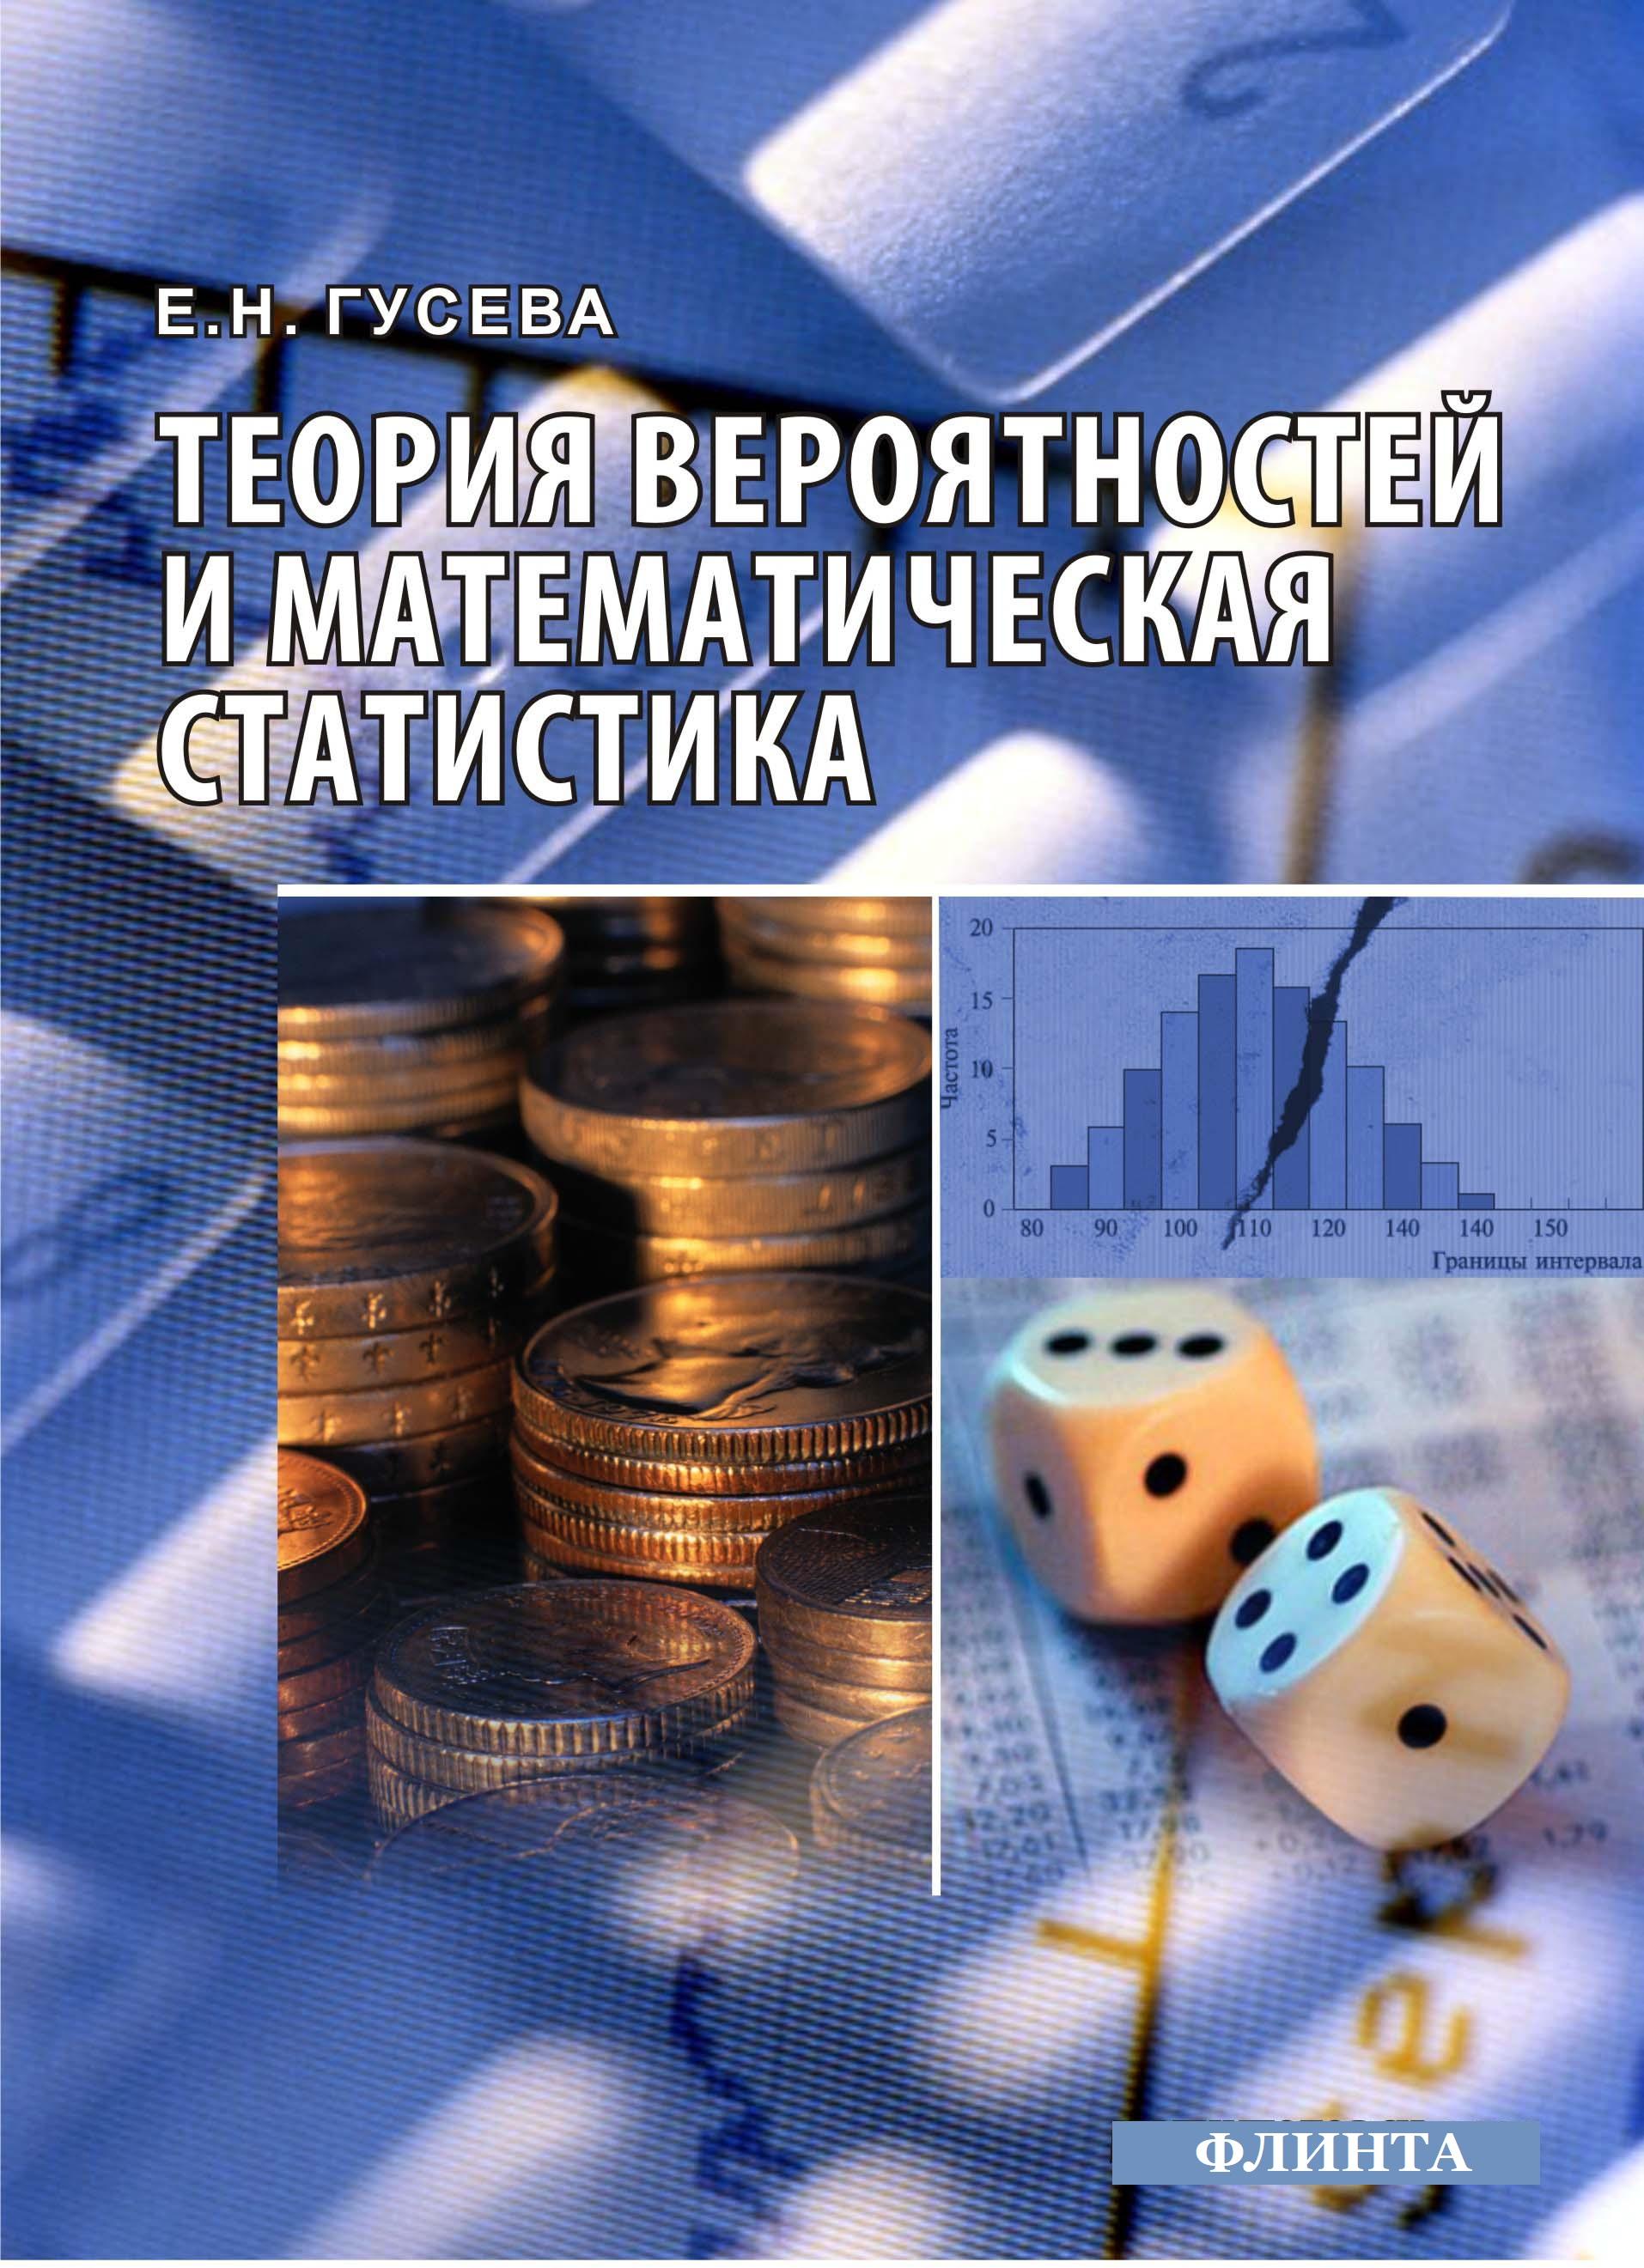 Е. Н. Гусева Теория вероятностей и математическая статистика в н русак математическая физика